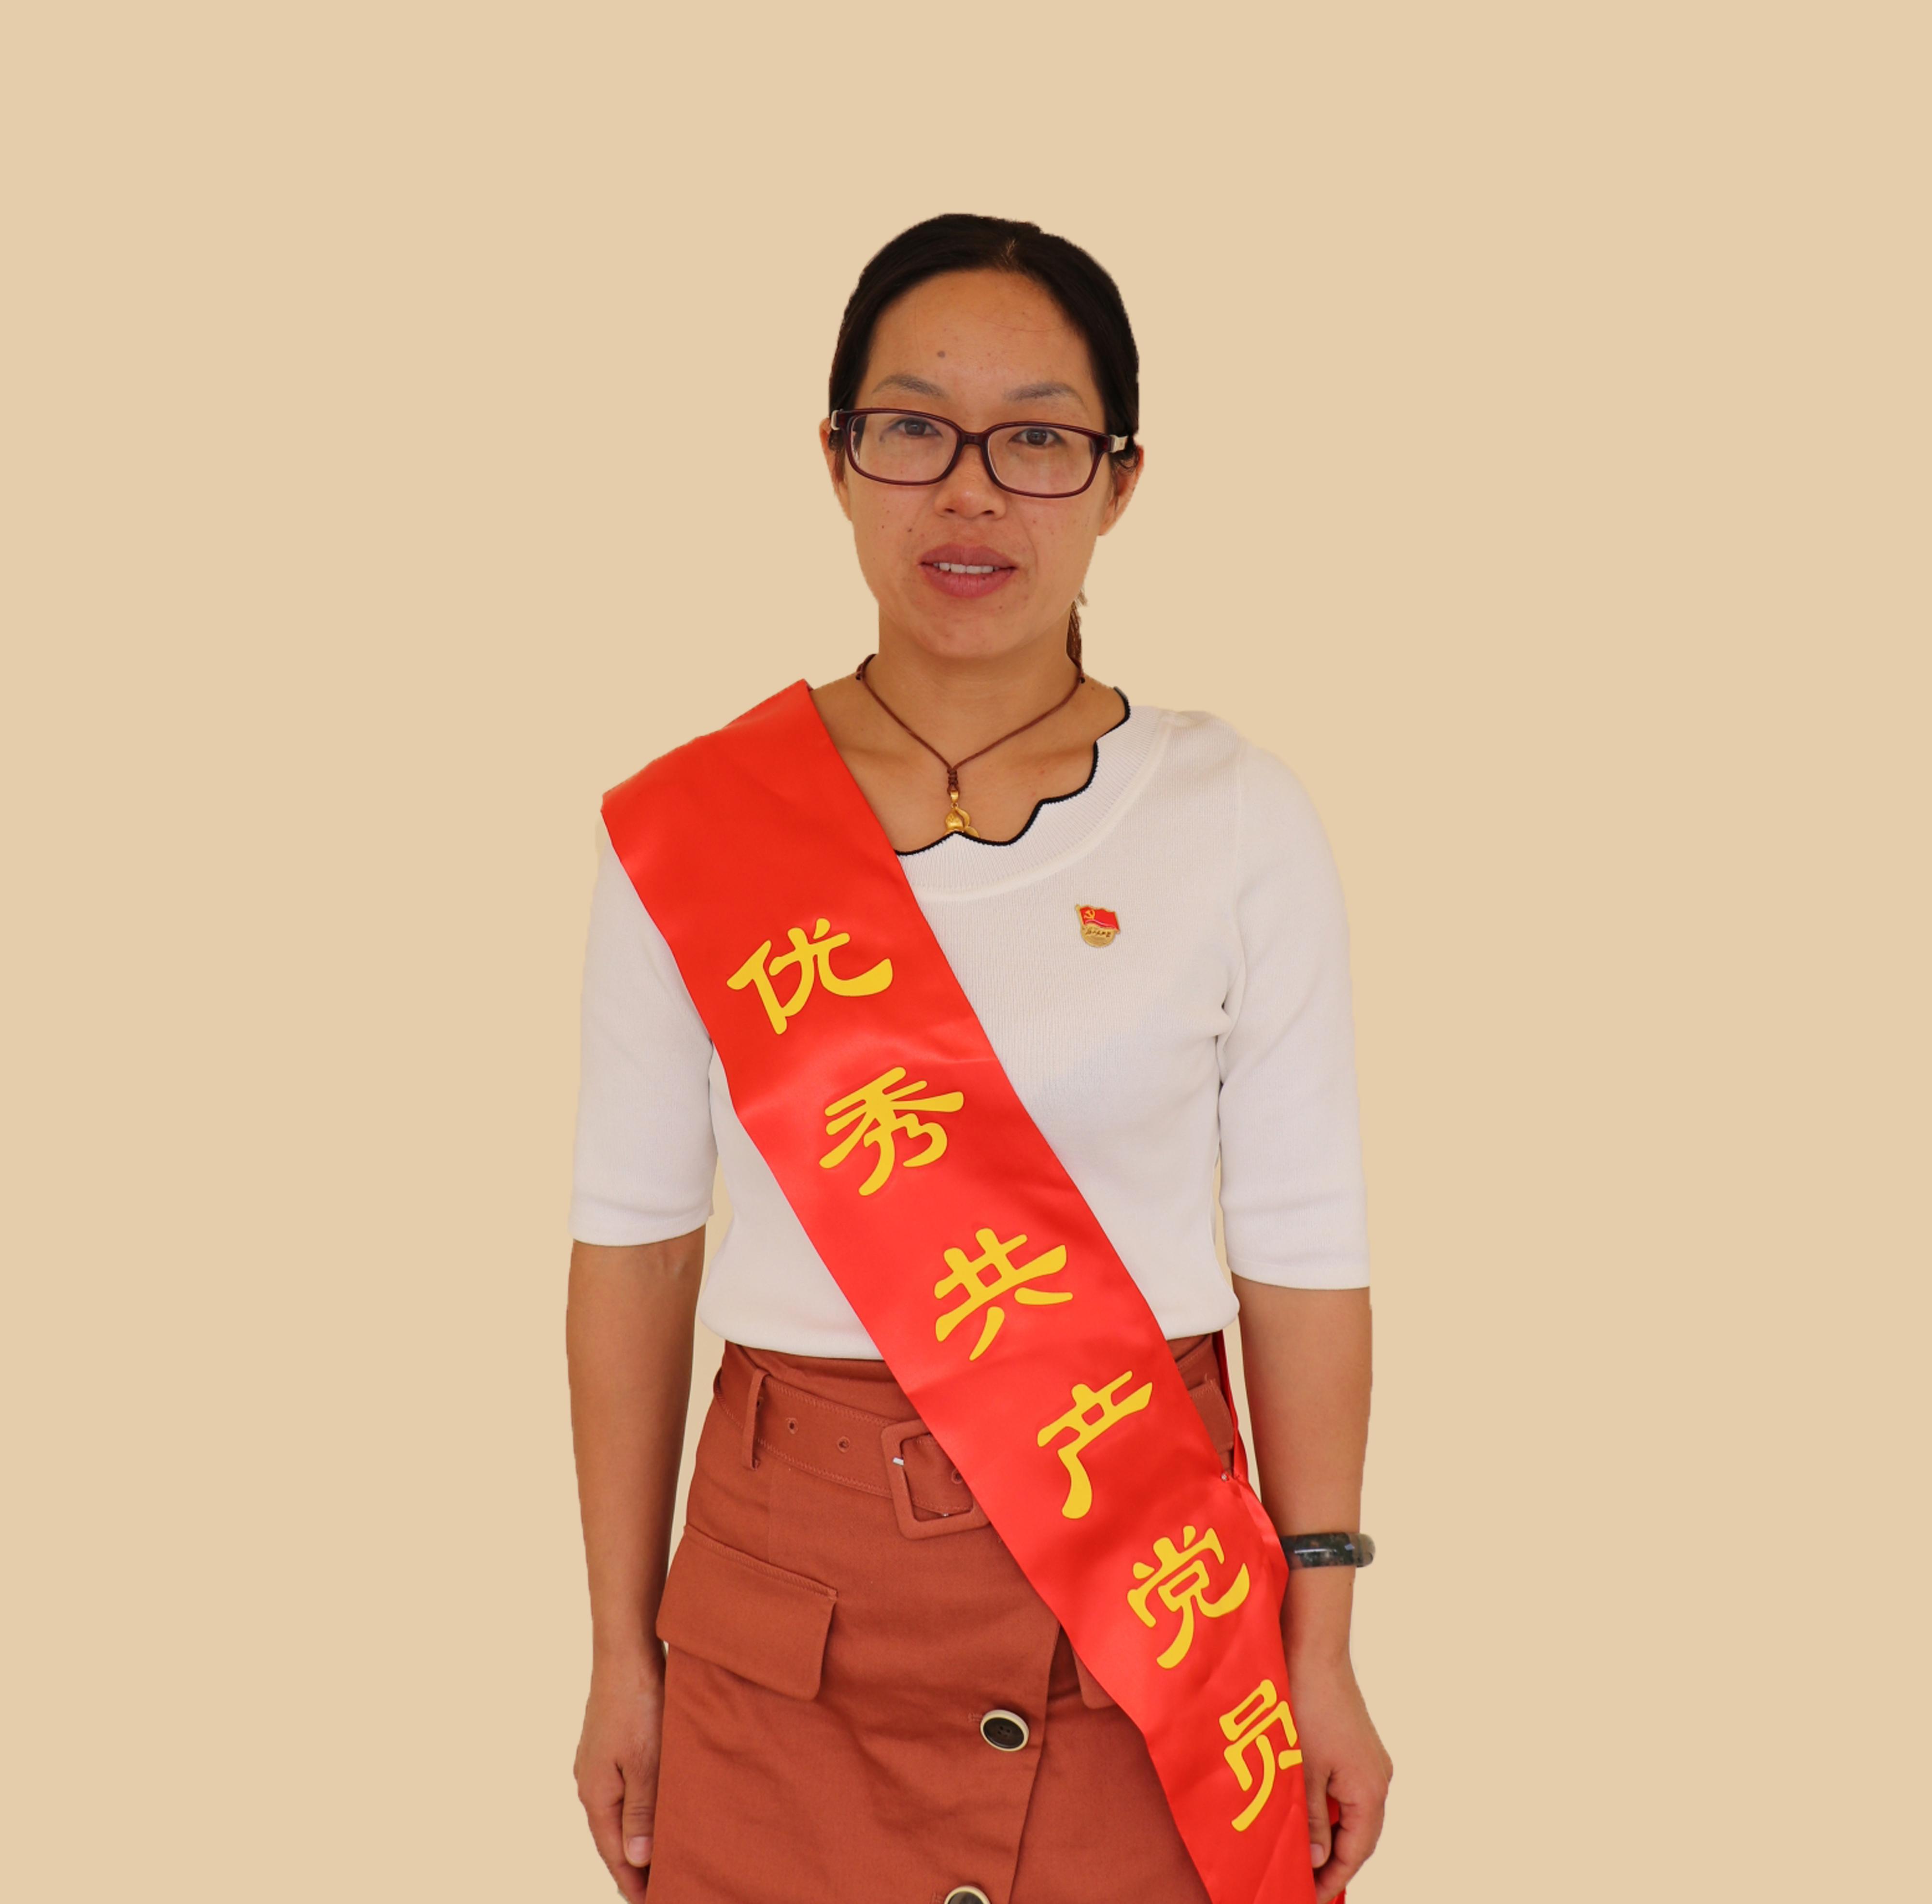 优秀共产党员     谢元丽